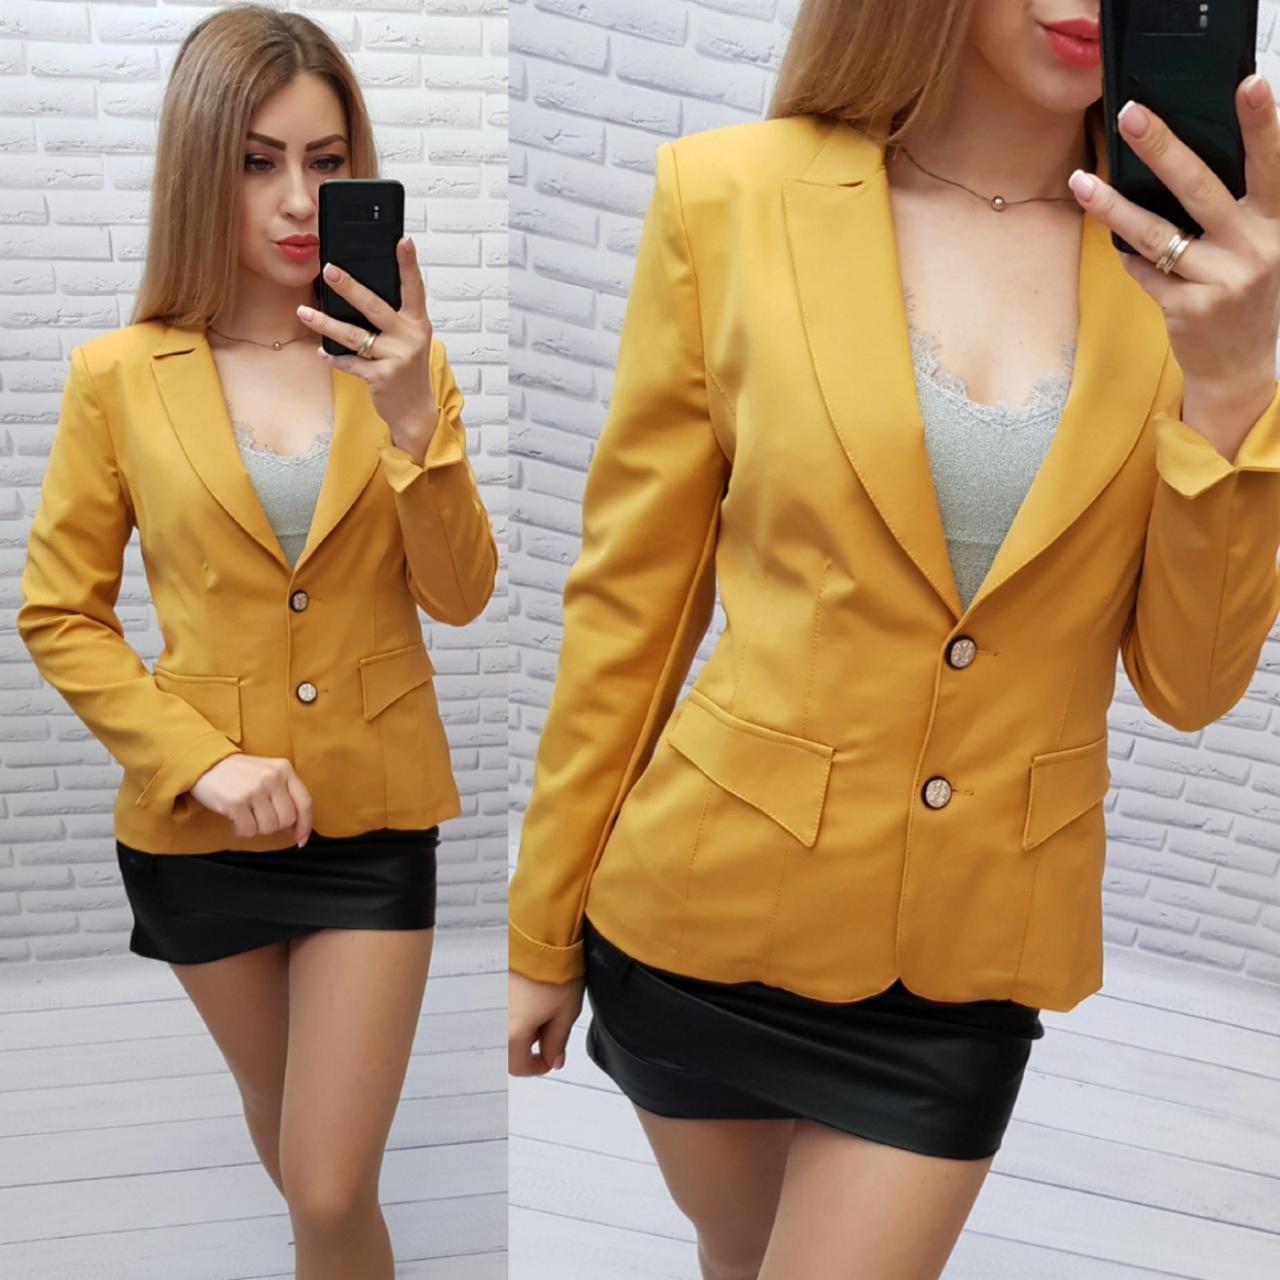 Пиджак / жакет с подкладкой рукав длинный S1088 горчичный / горчица / горчичного цвета